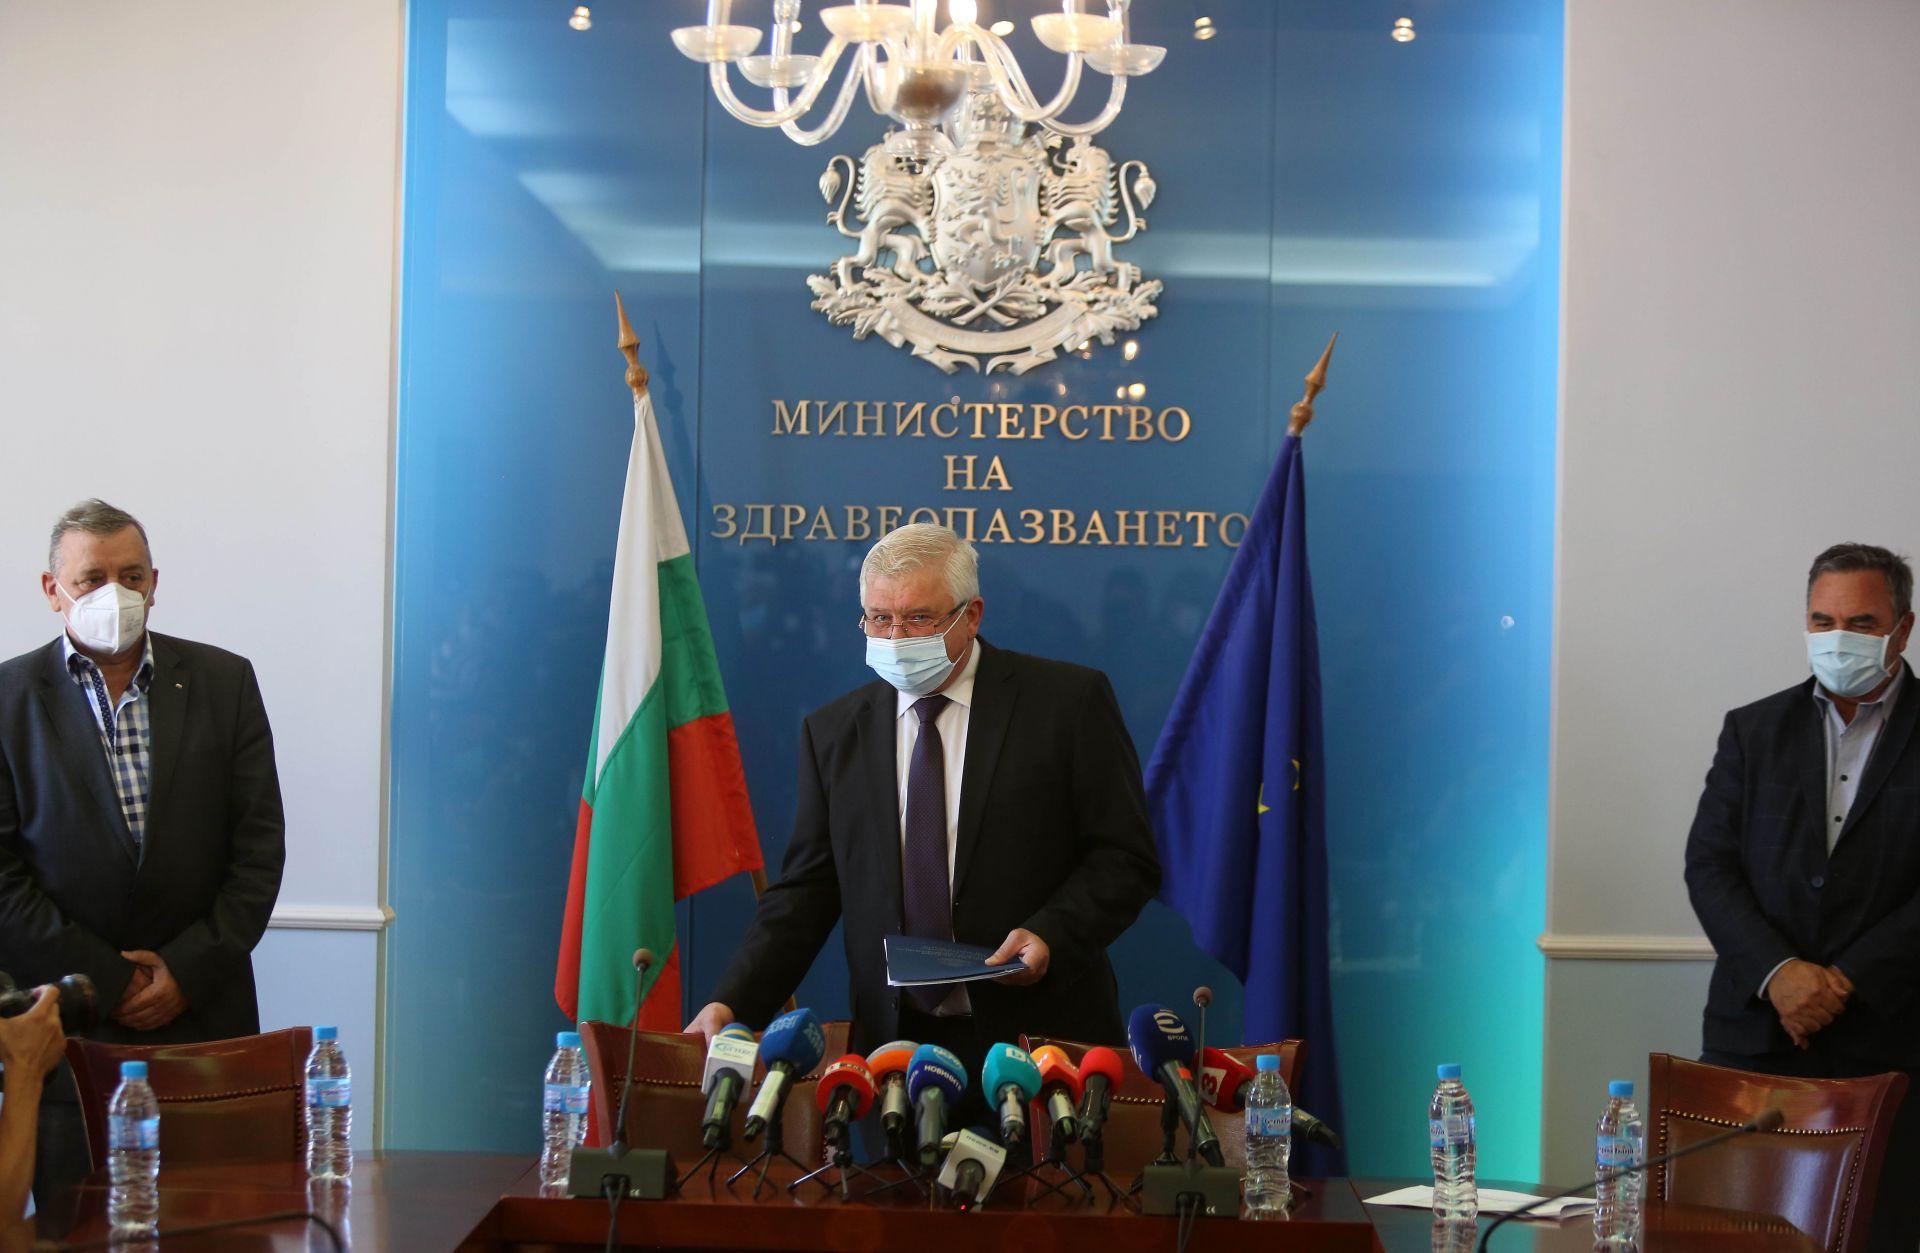 Проф. Тодор Кантарджиев и доц. Ангел Кунчев участваха в брифинга с министър Кирил Ананиев